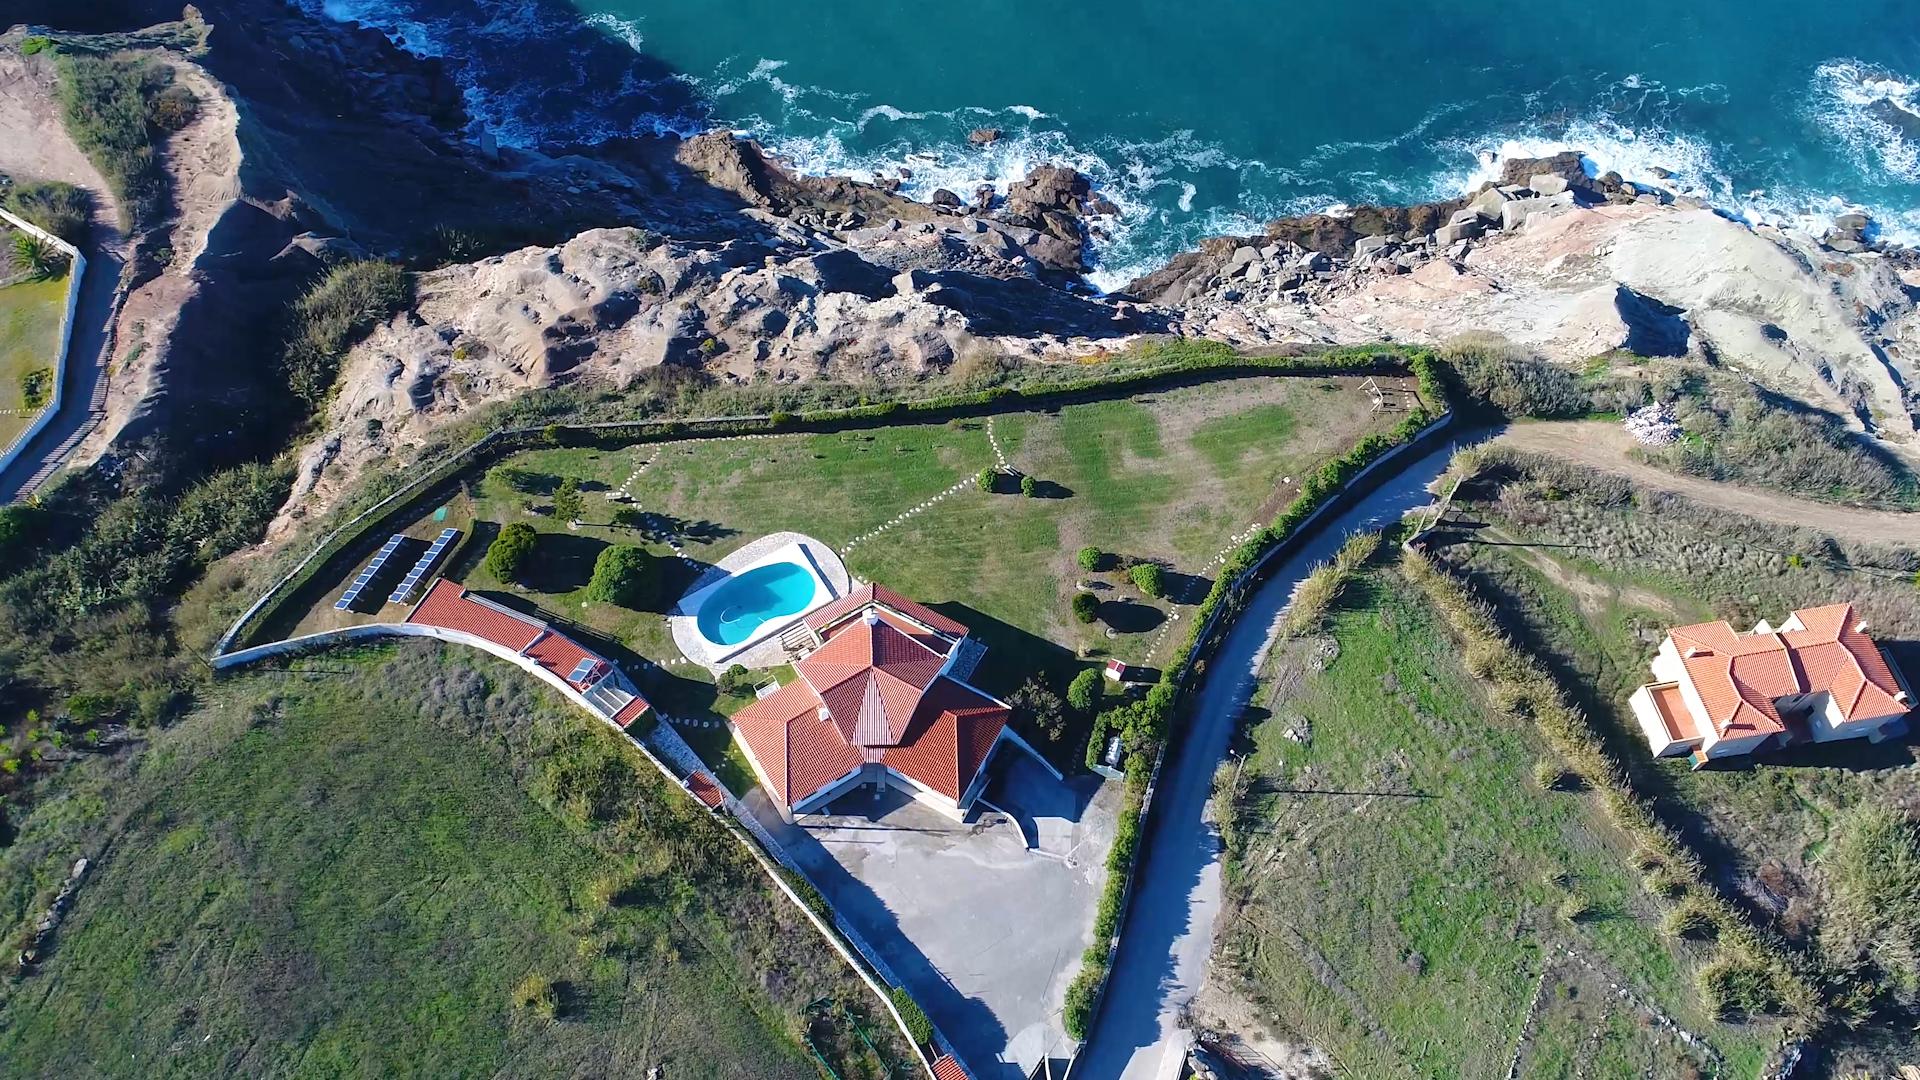 casa imobiliario drone fotografia signimo marketing arquitetura